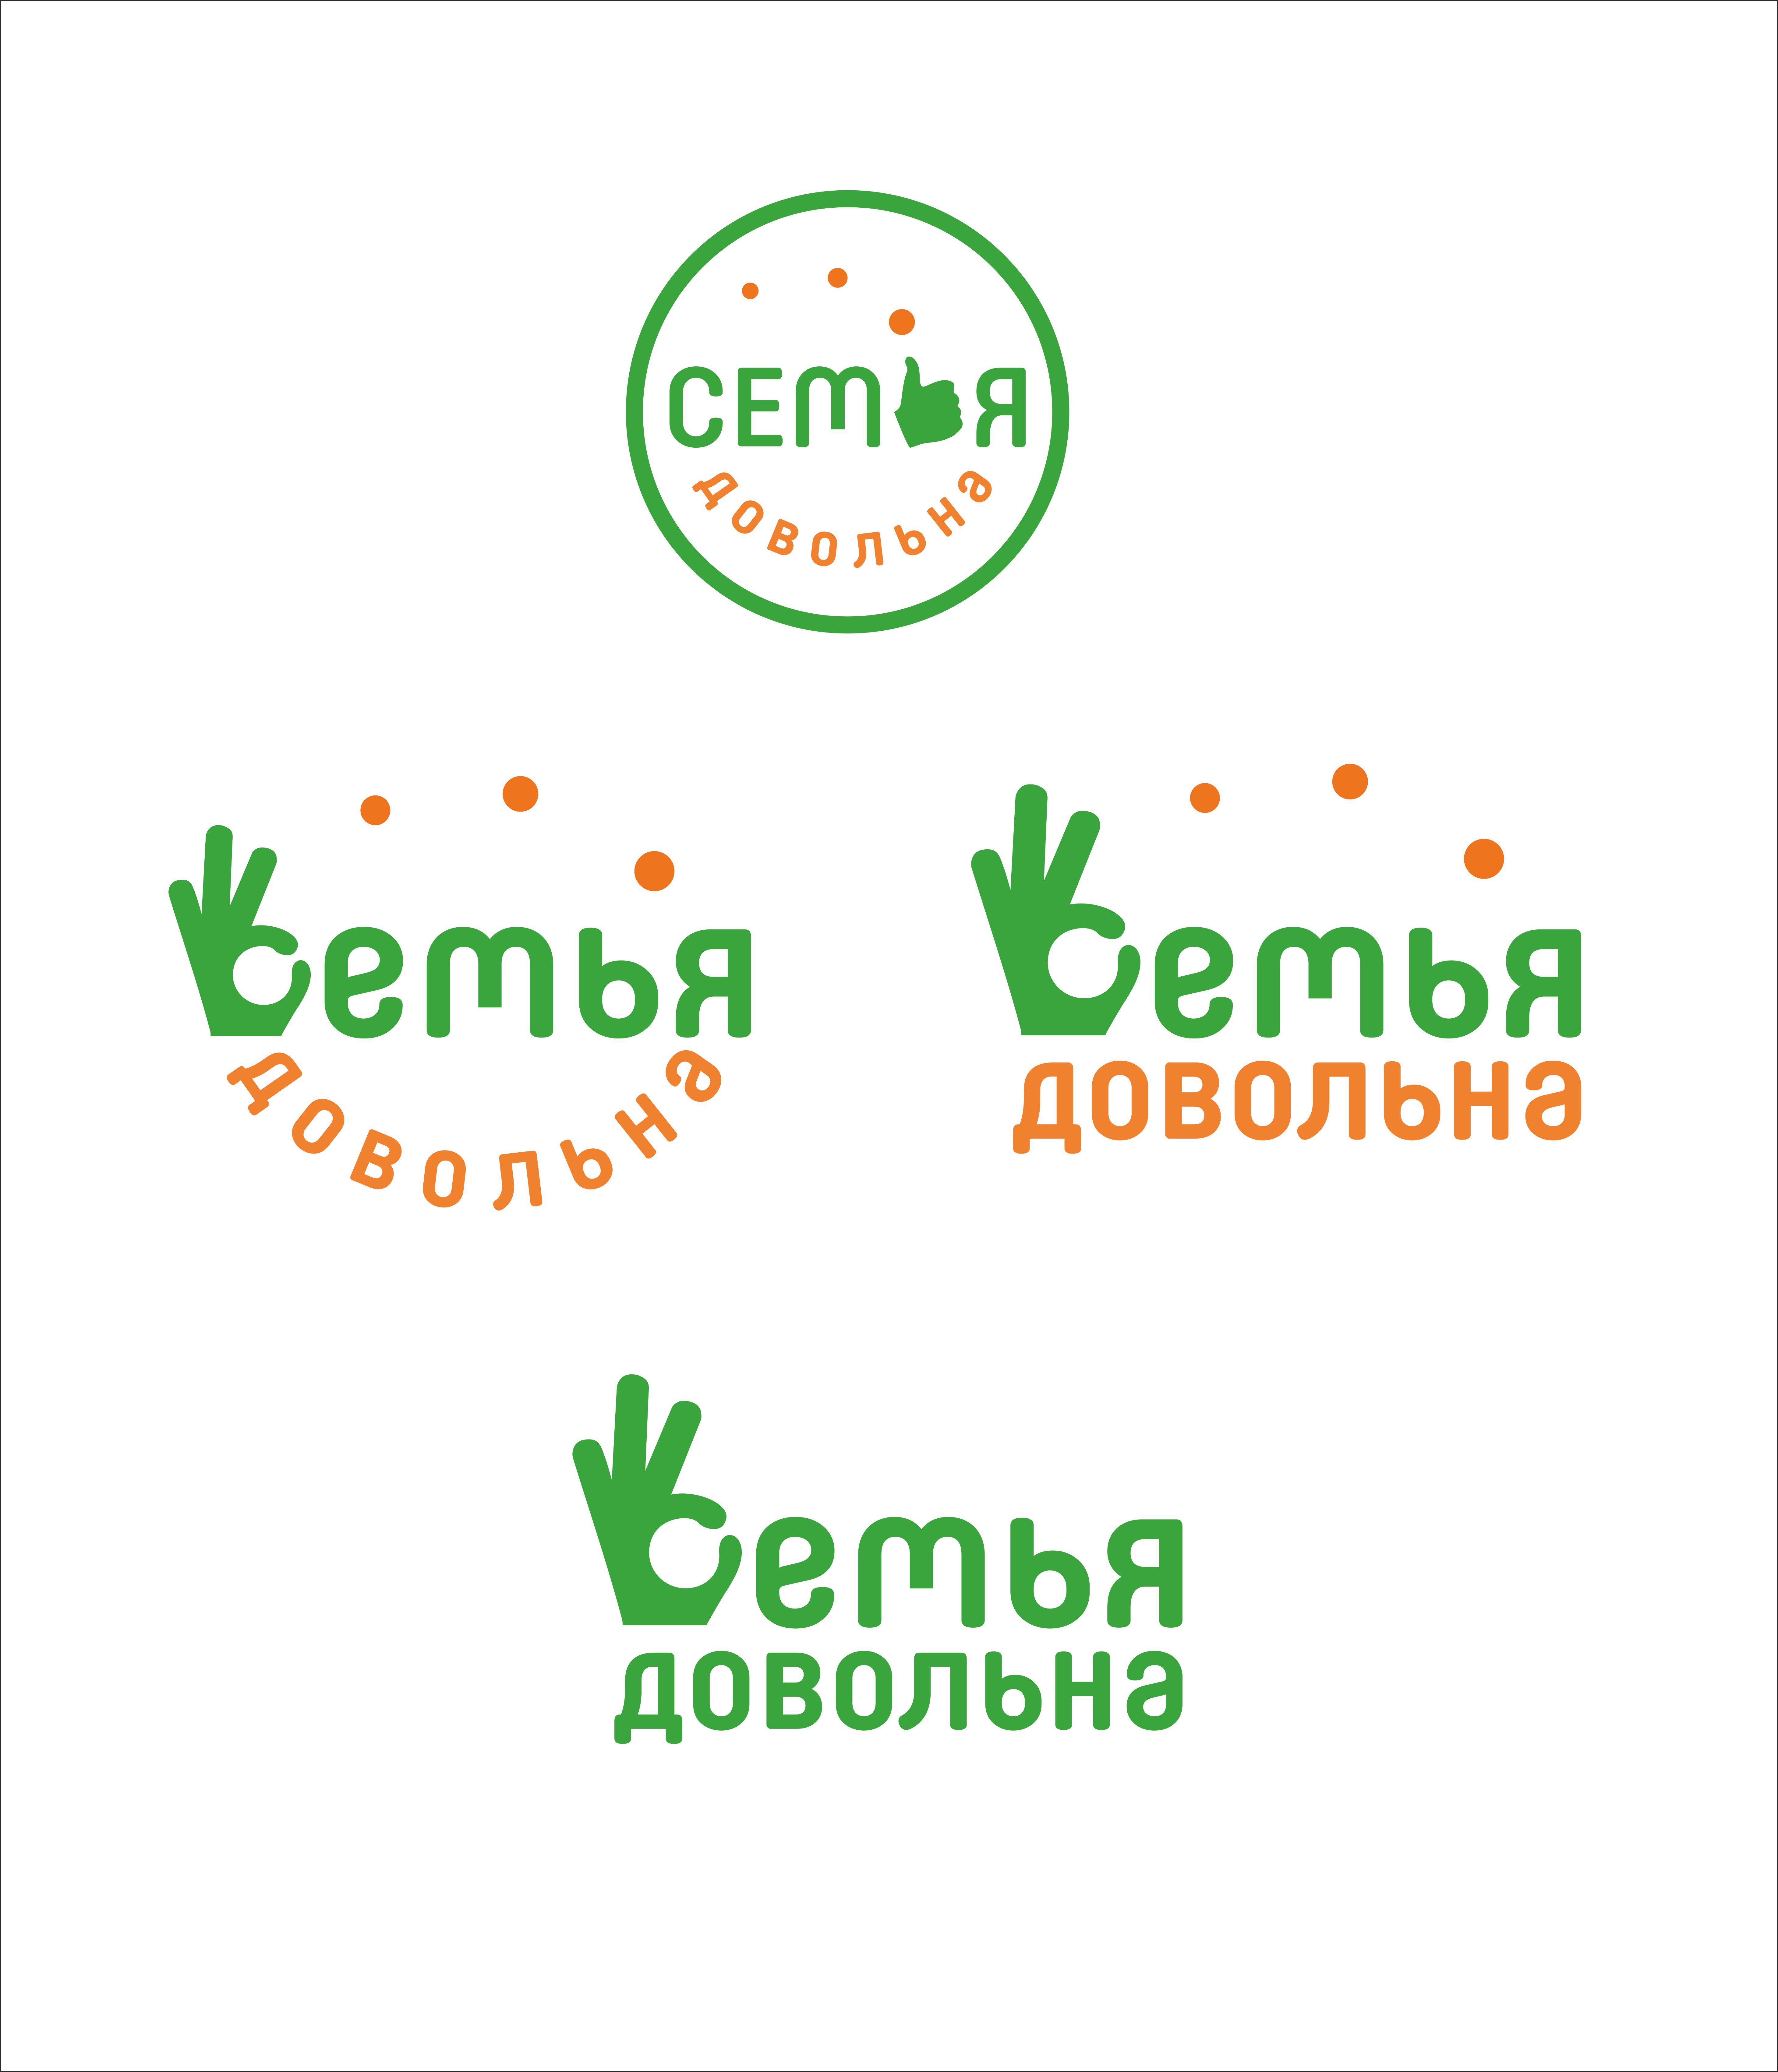 """Разработайте логотип для торговой марки """"Семья довольна"""" фото f_7325b96724ec688c.png"""